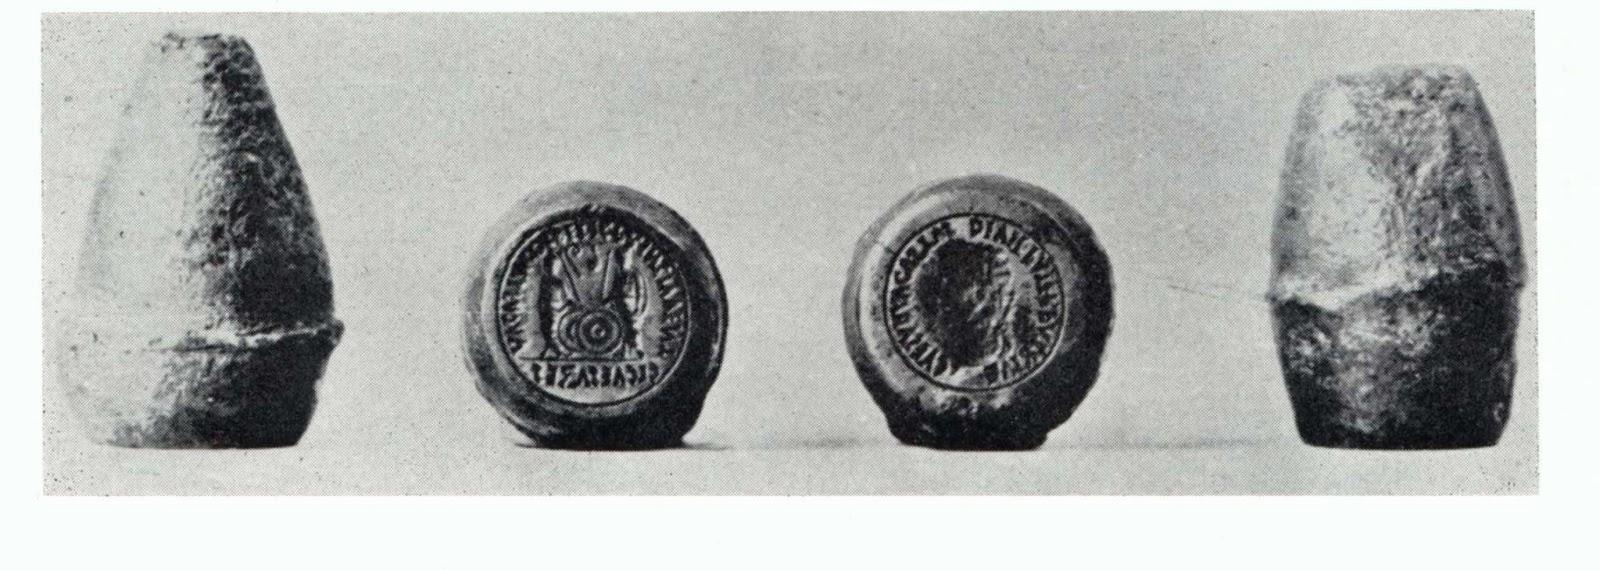 Pareja de cuños para denarios de Plautila Cu%C3%B1os+de+Augusto